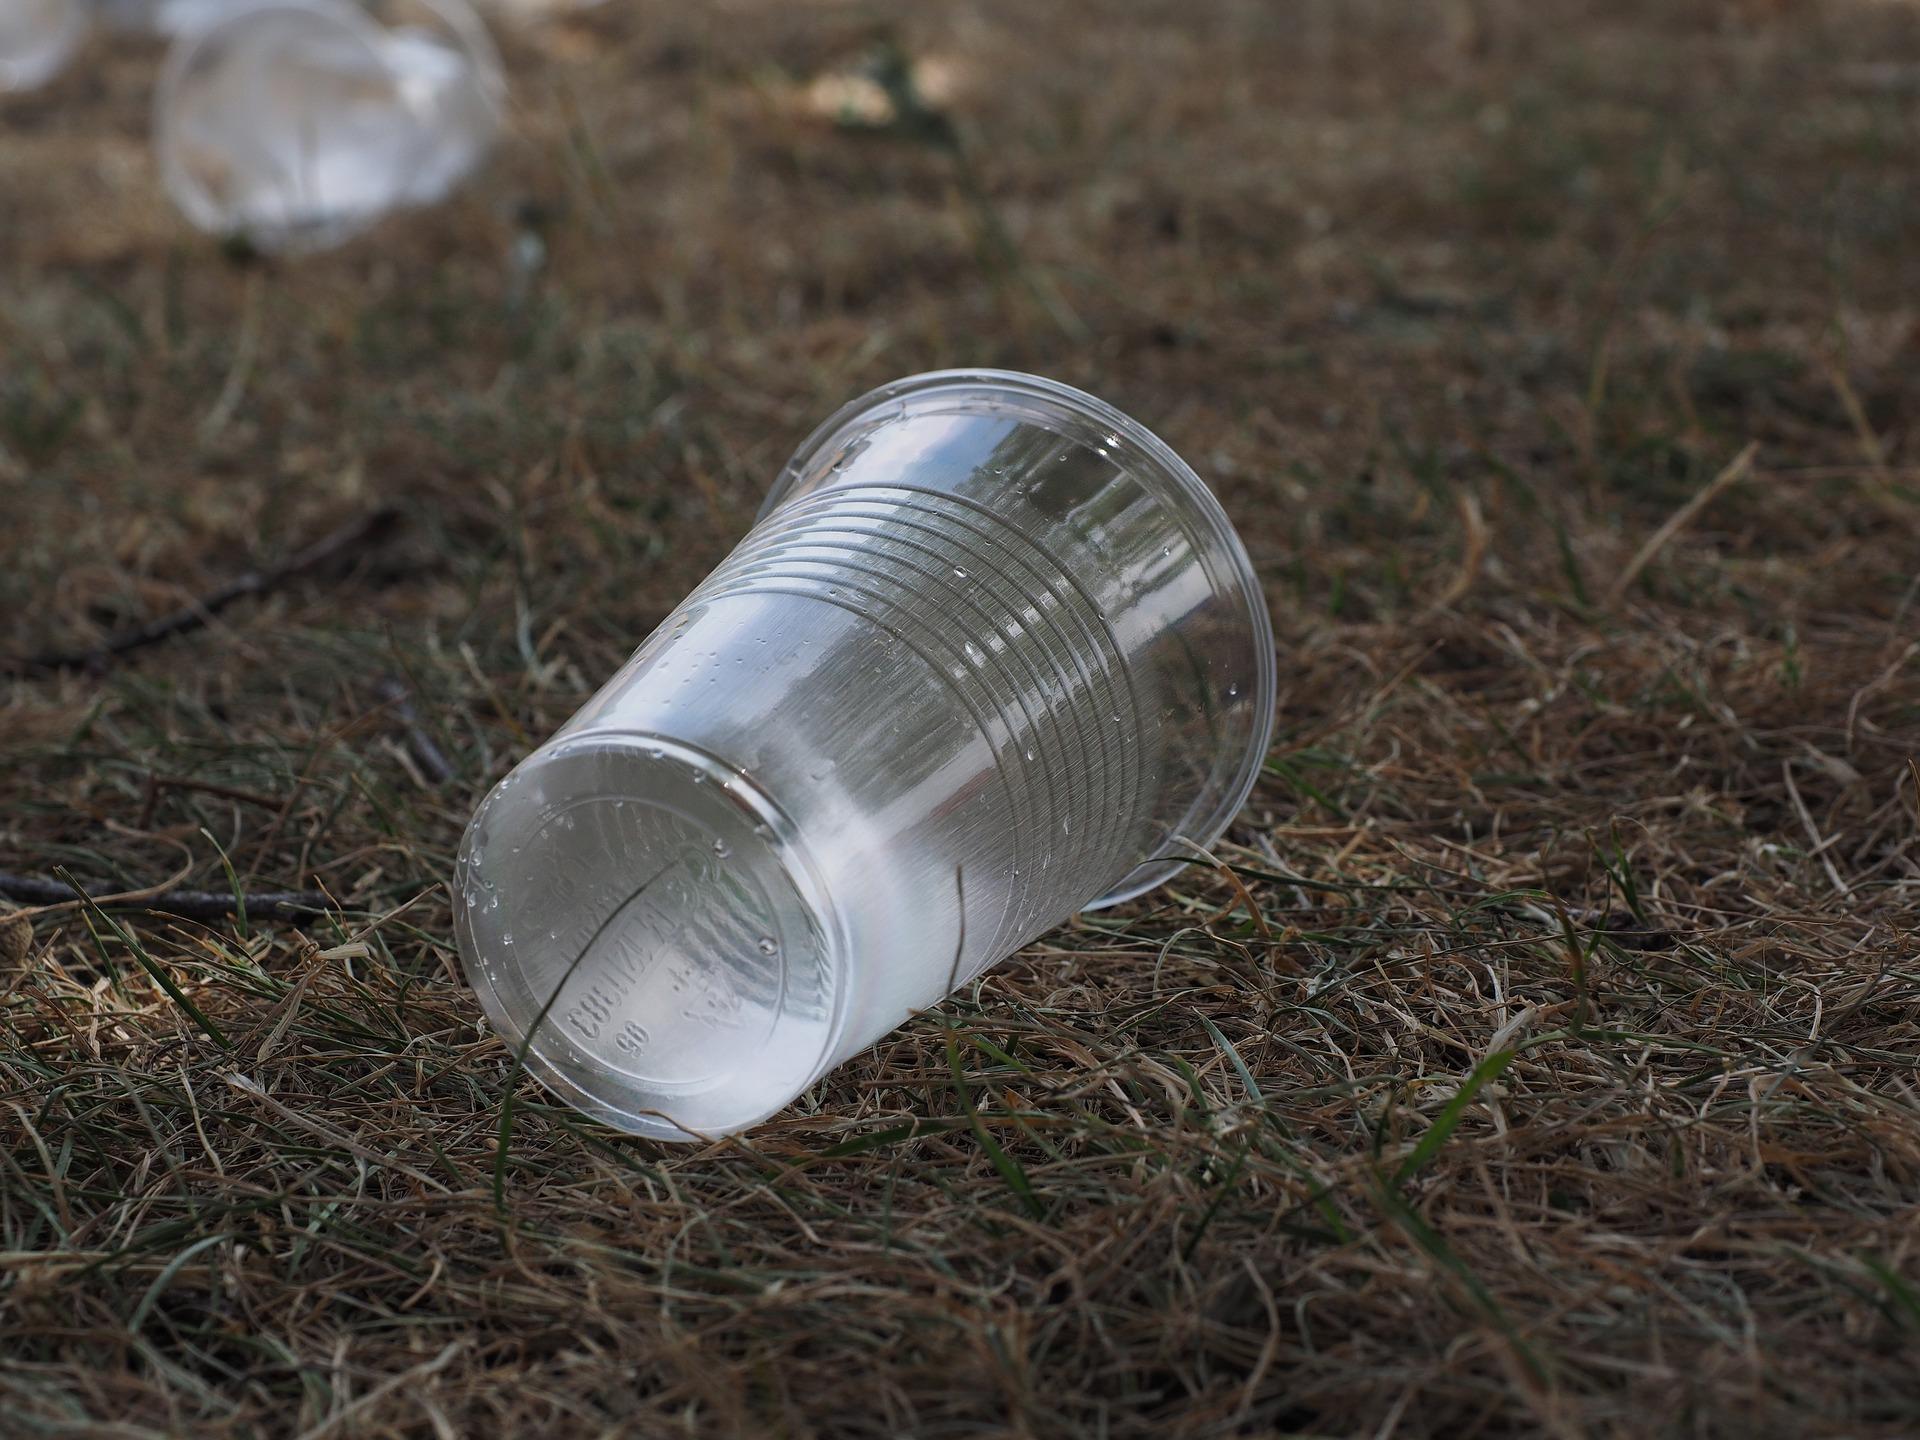 beverage-cups-2147903_1920